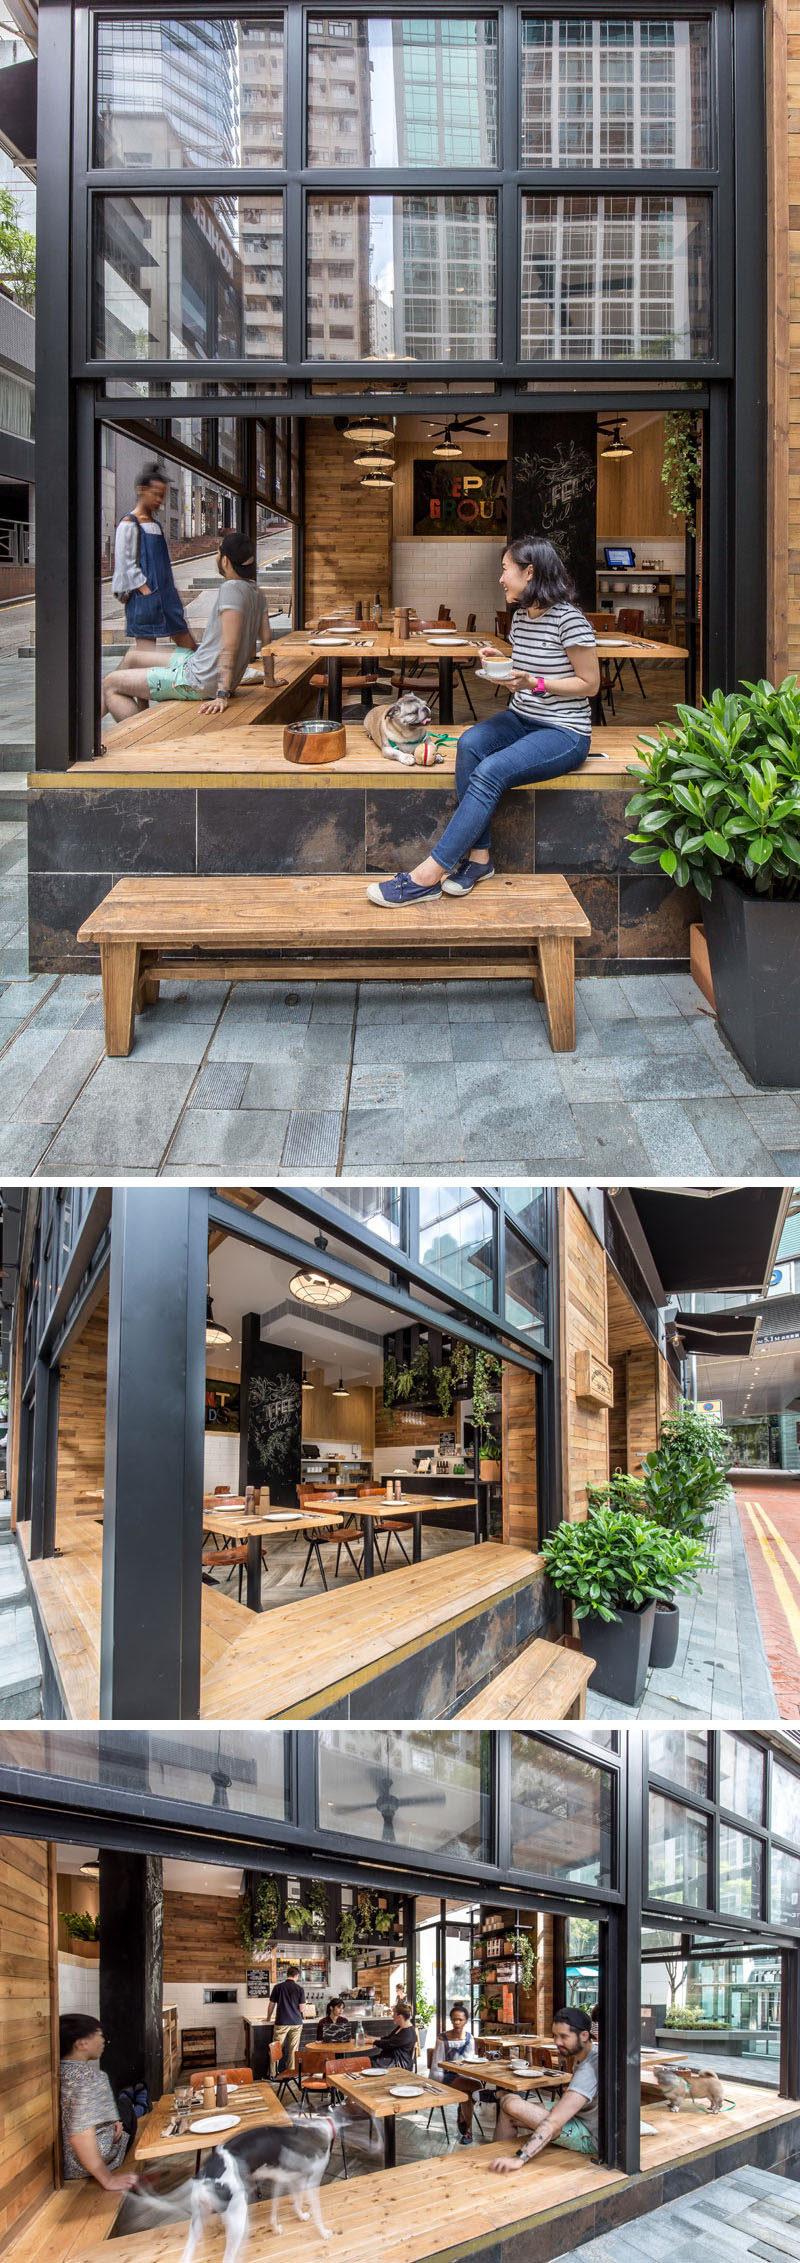 10 cửa hàng cà phê độc đáo ở châu Á / JJA / Bespoke Kiến trúc thiết kế Voi, một cửa hàng cà phê ở Hồng Kông nhấn mạnh vào sự gắn kết trong nhà ngoài trời nhờ thiết kế của nó mở ra trên đường phố để khuyến khích sự tương tác giữa những người trong quán cà phê và người dân trên đường.